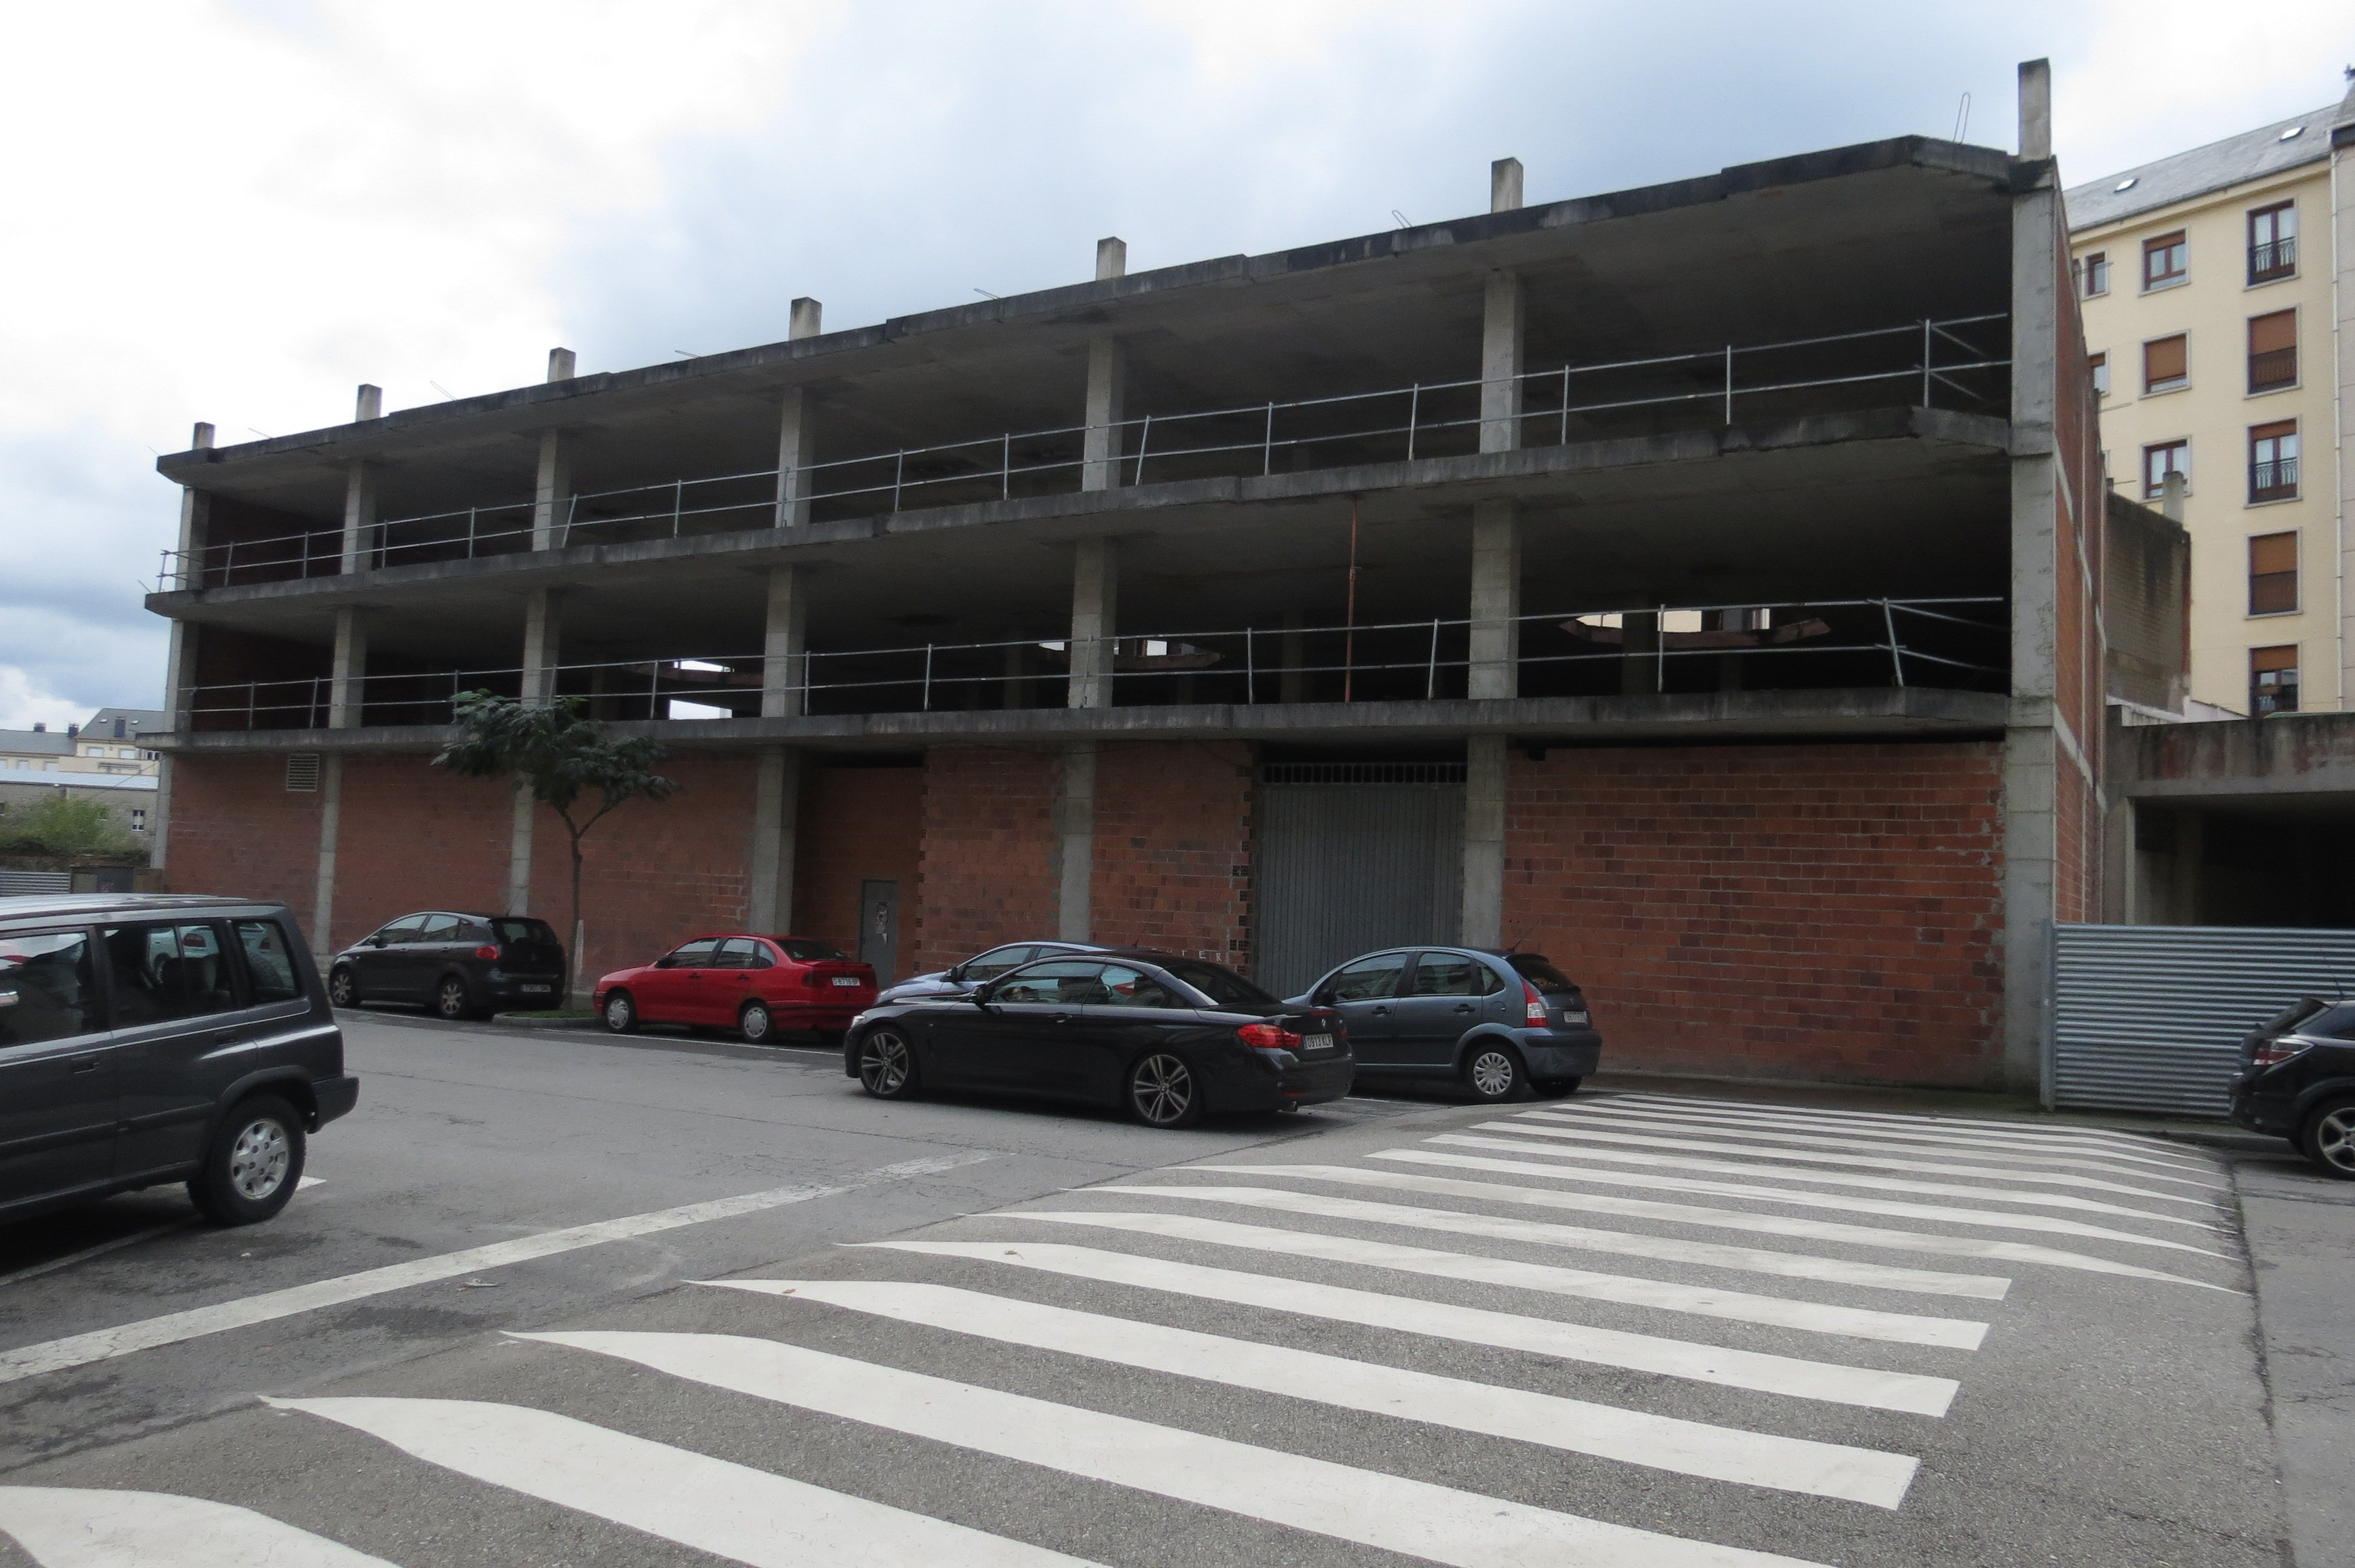 Un convenio entre Ministerio de Fomento, Xunta de Galicia y Ayuntamiento de Ribadeo permitirá disponer de 40 viviendas de alquiler social